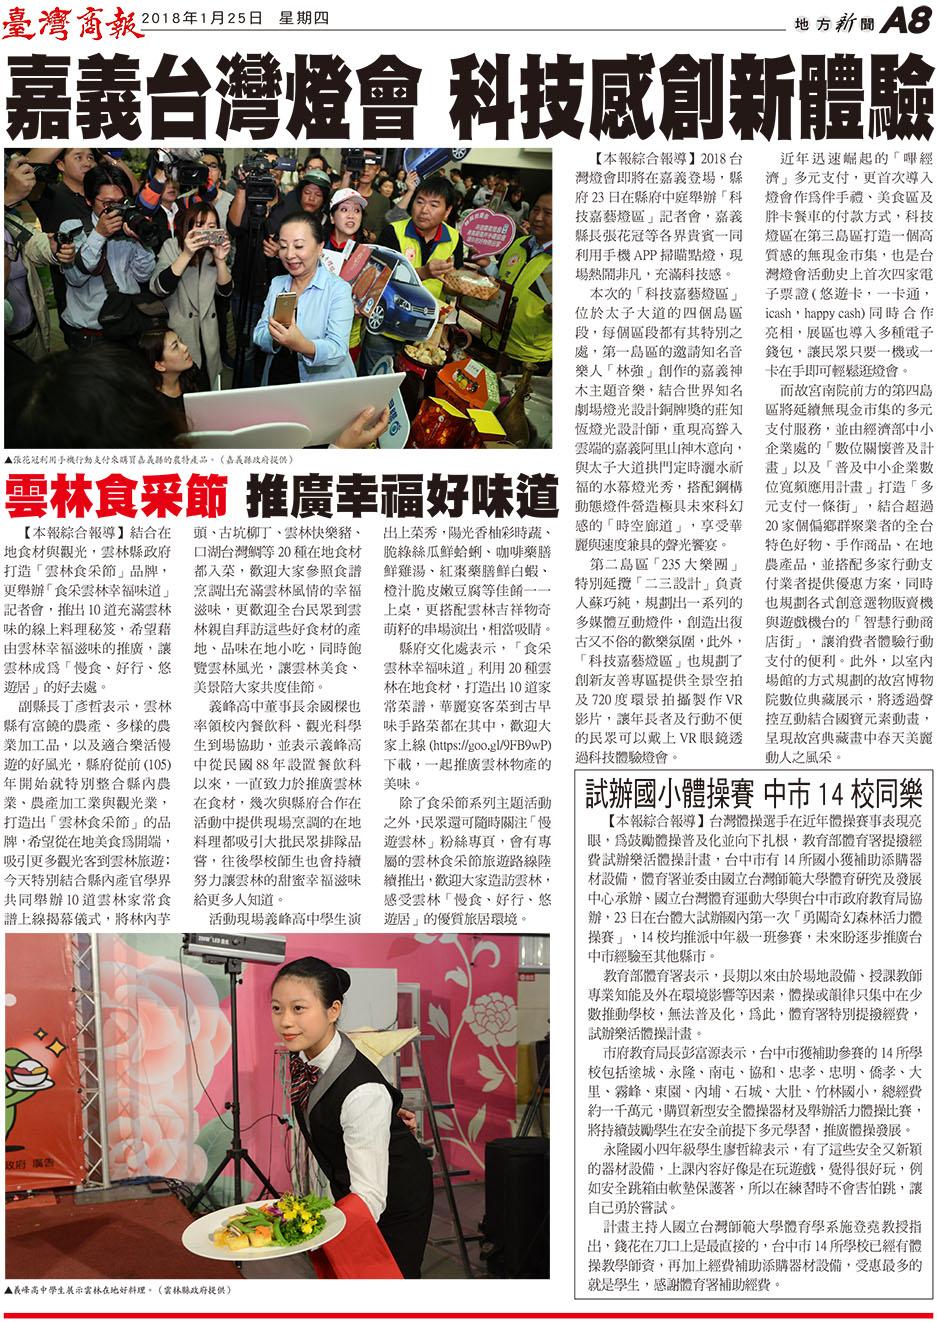 嘉義台灣燈會 科技感創新體驗